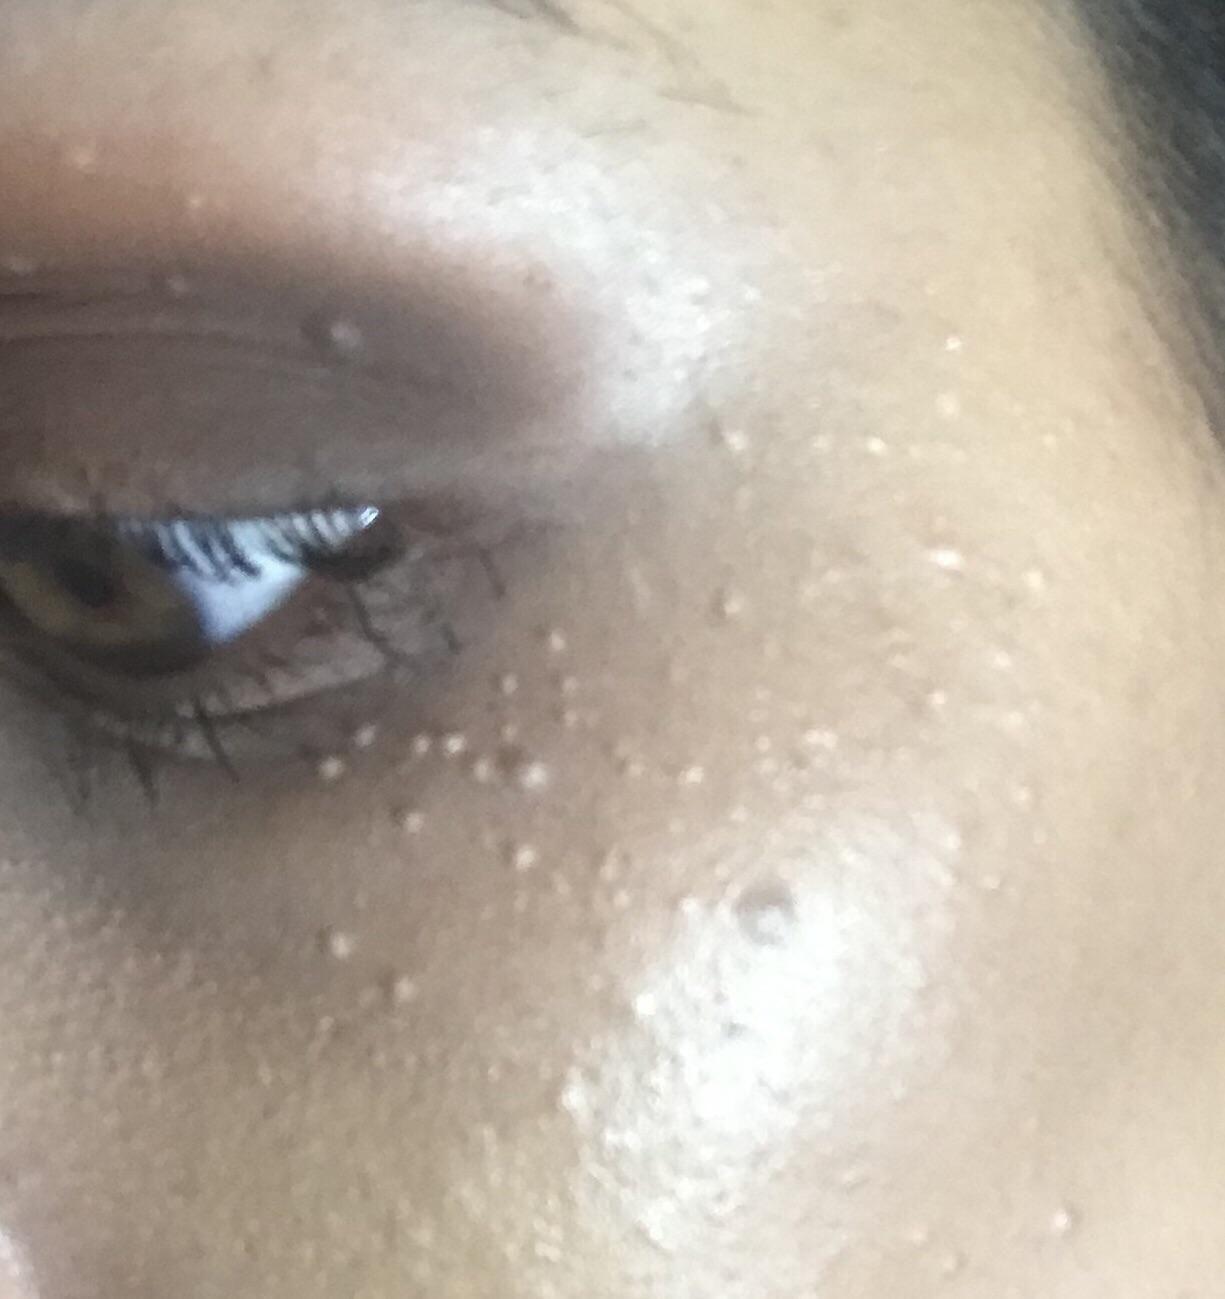 wart on top eyelid)